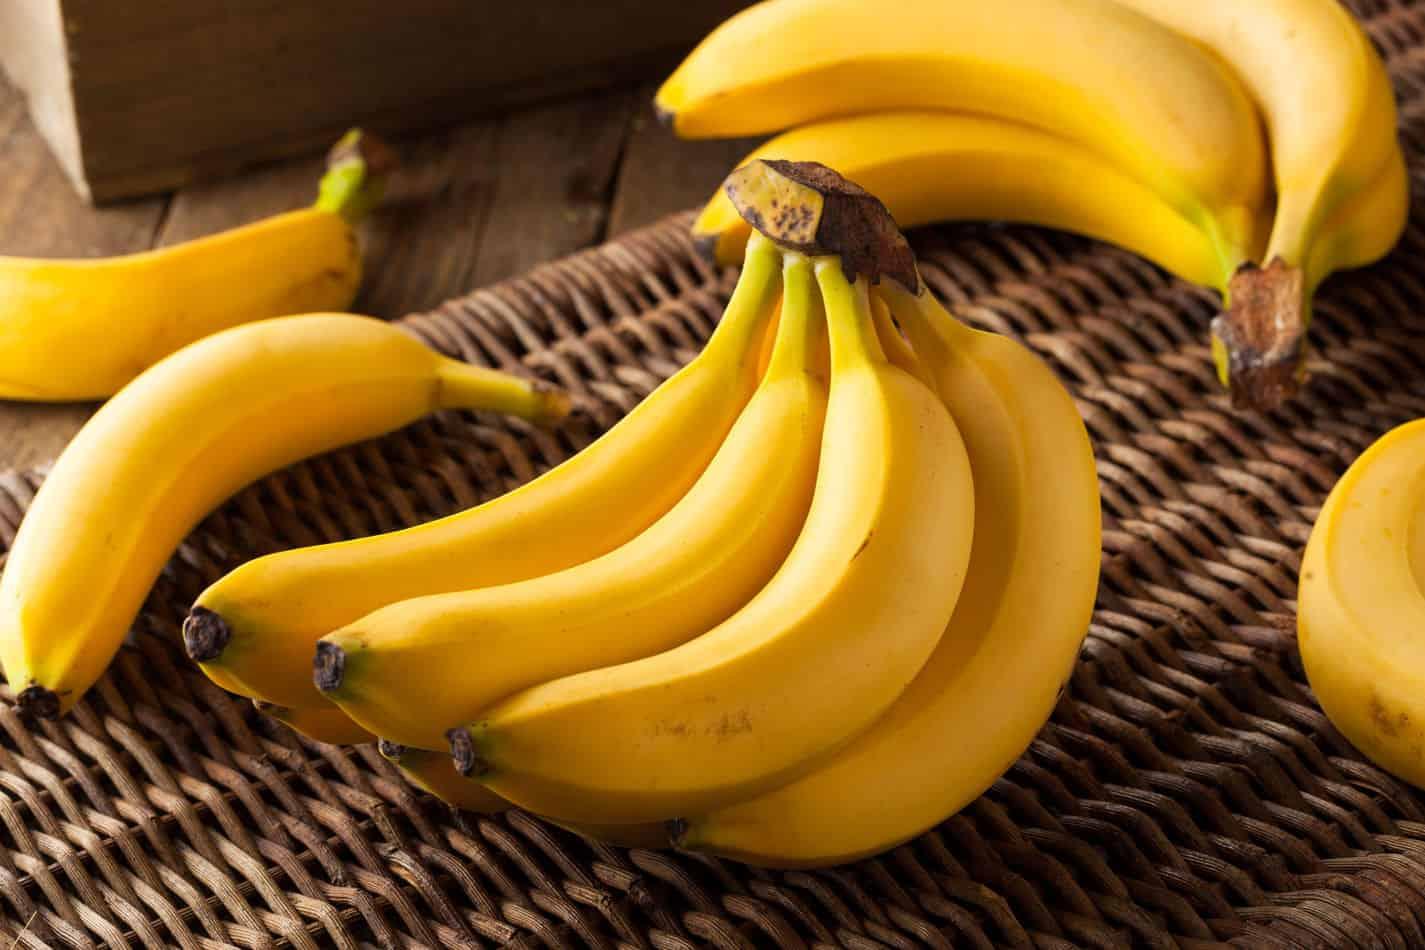 Can Beagles Eat Bananas?